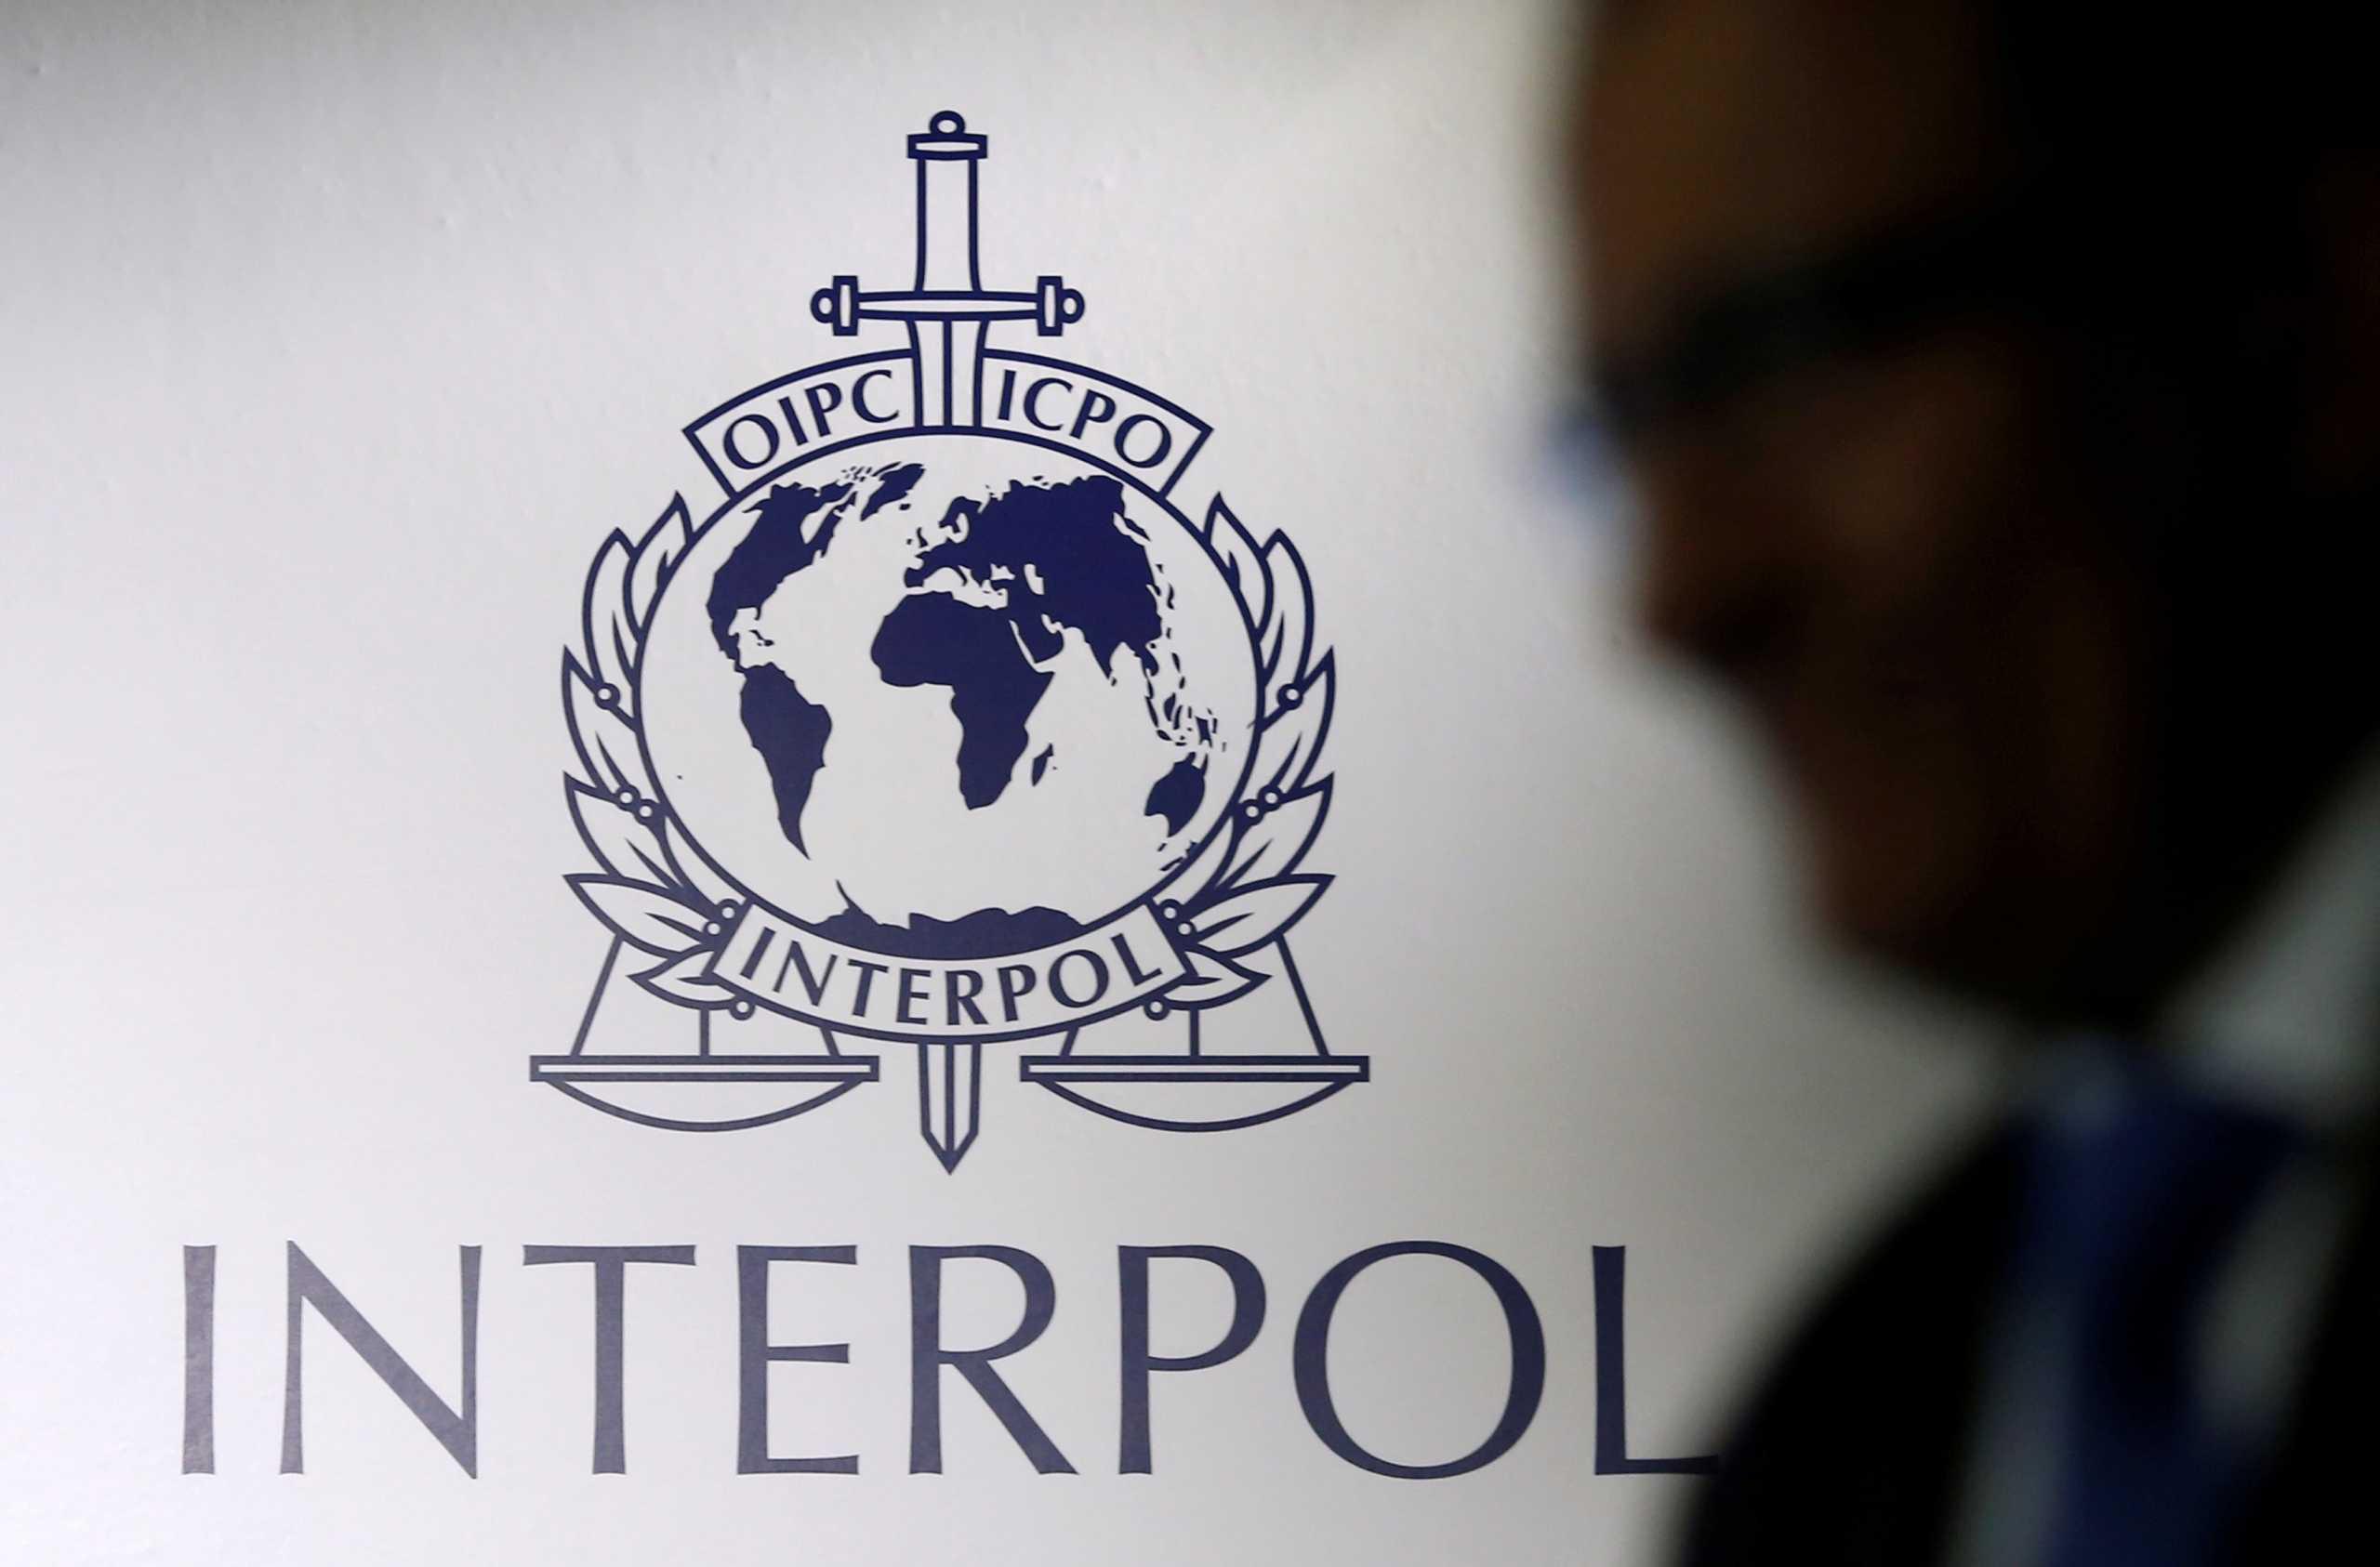 Η Ιντερπόλ έκανε 585 συλλήψεις για διαδικτυακές απάτες – «Πάγωσαν» 1.600 τραπεζικοί λογαριασμοί